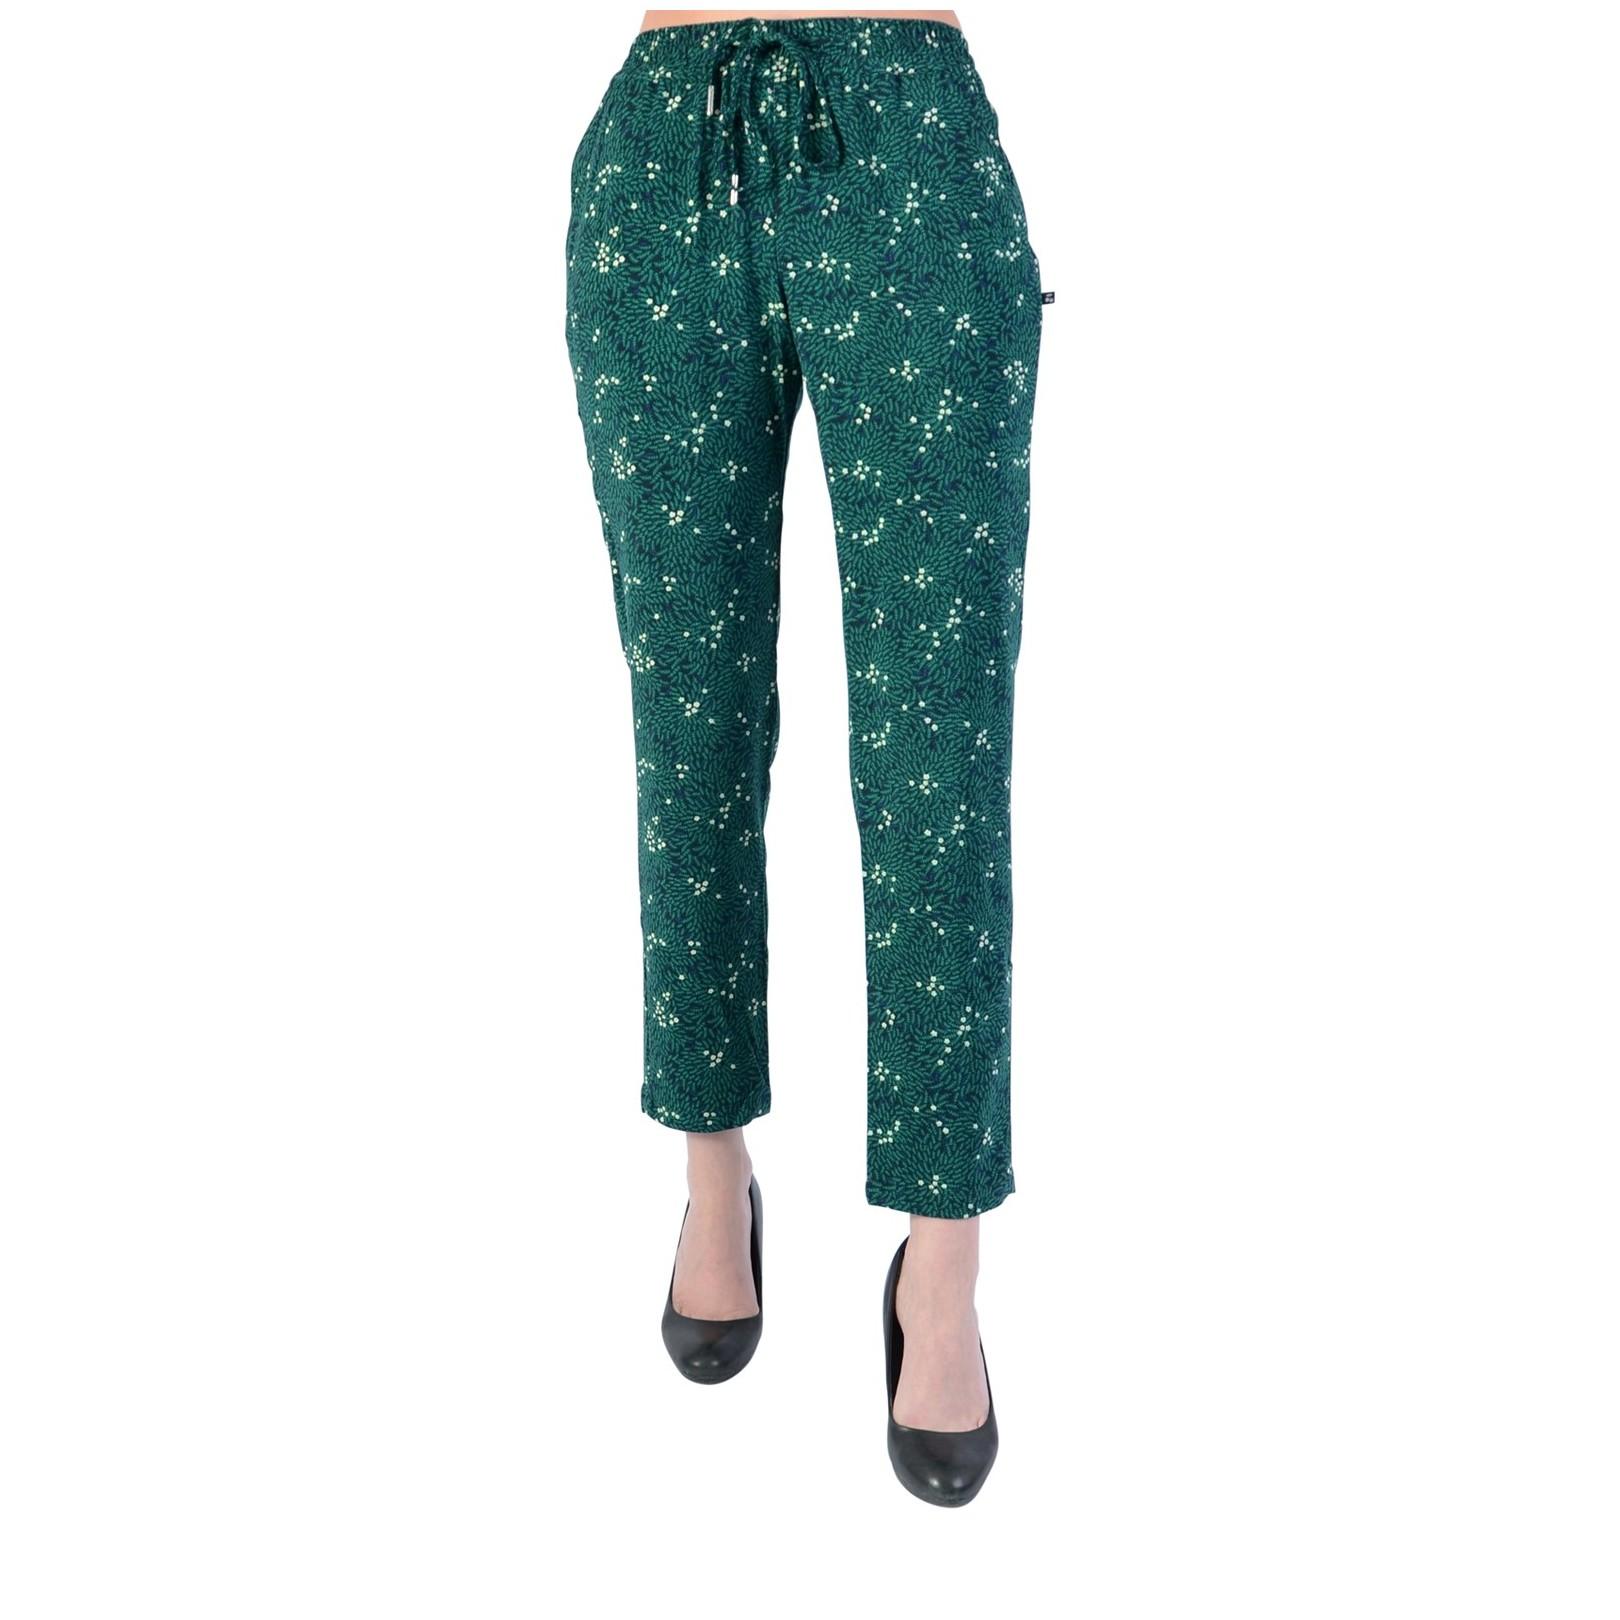 Pantalon Le Temps Des Cerises F Daisy